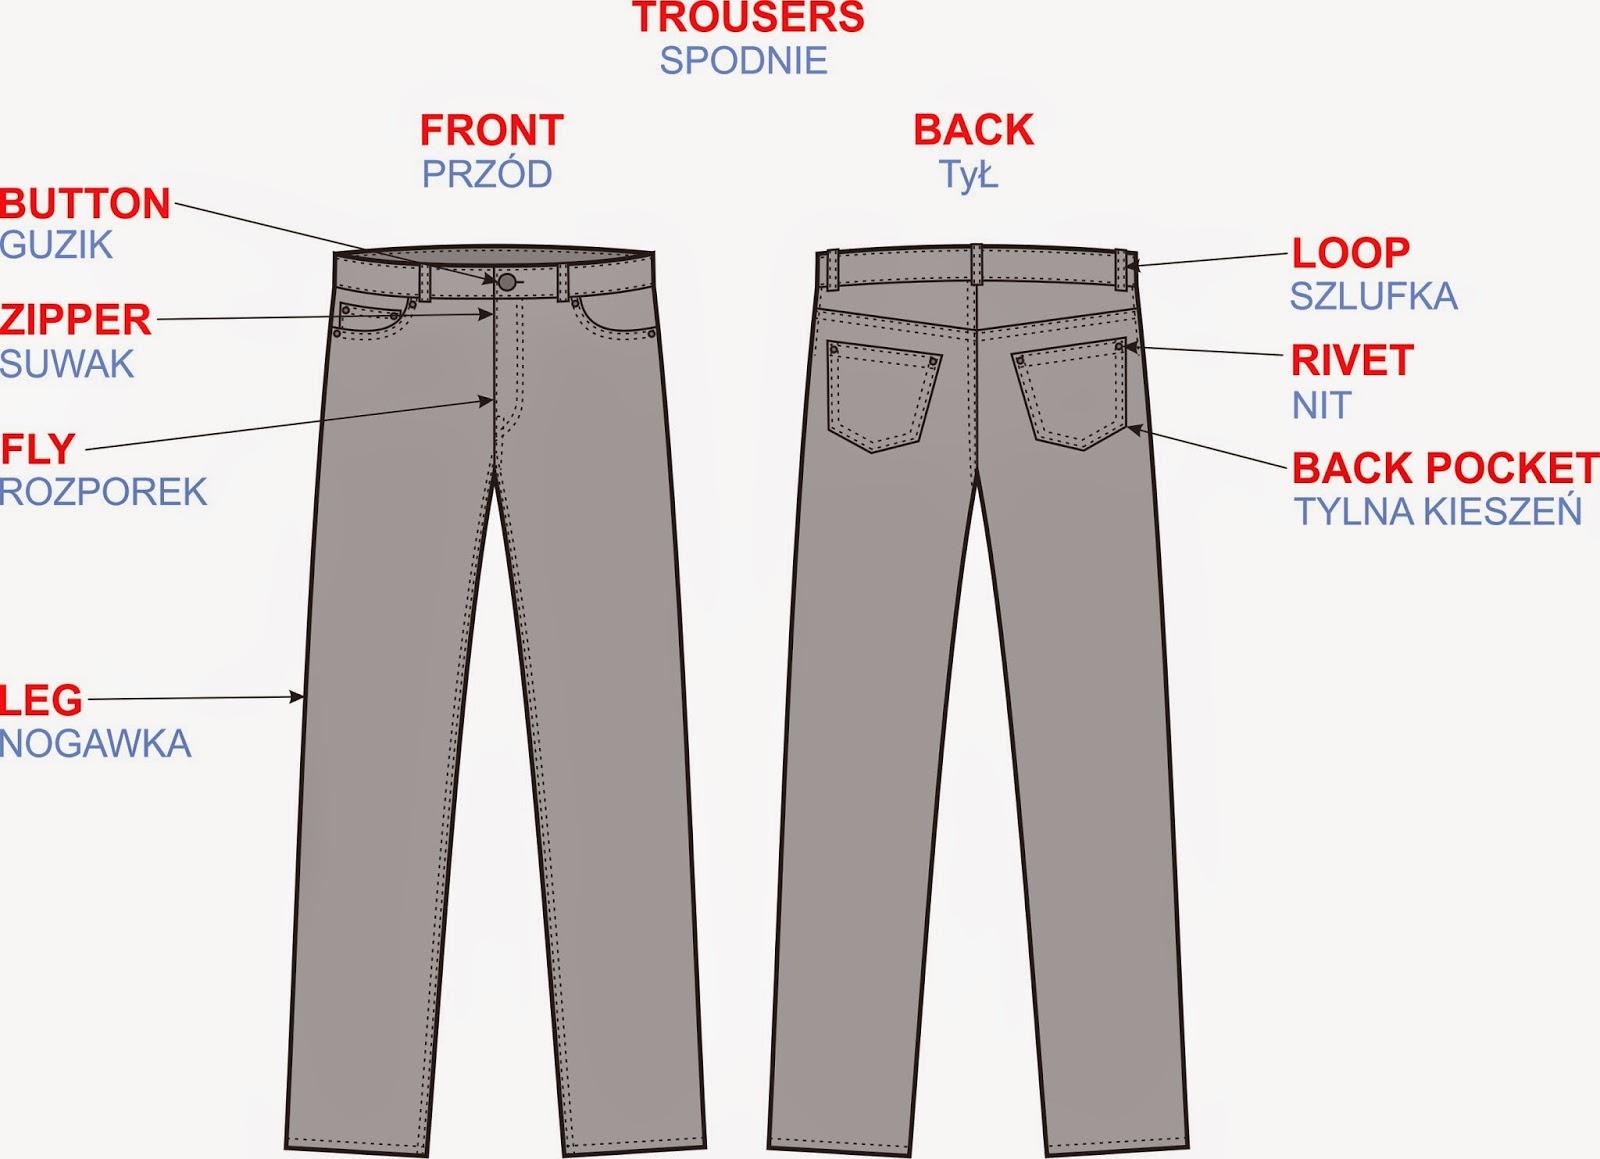 Spodnie słowniczek